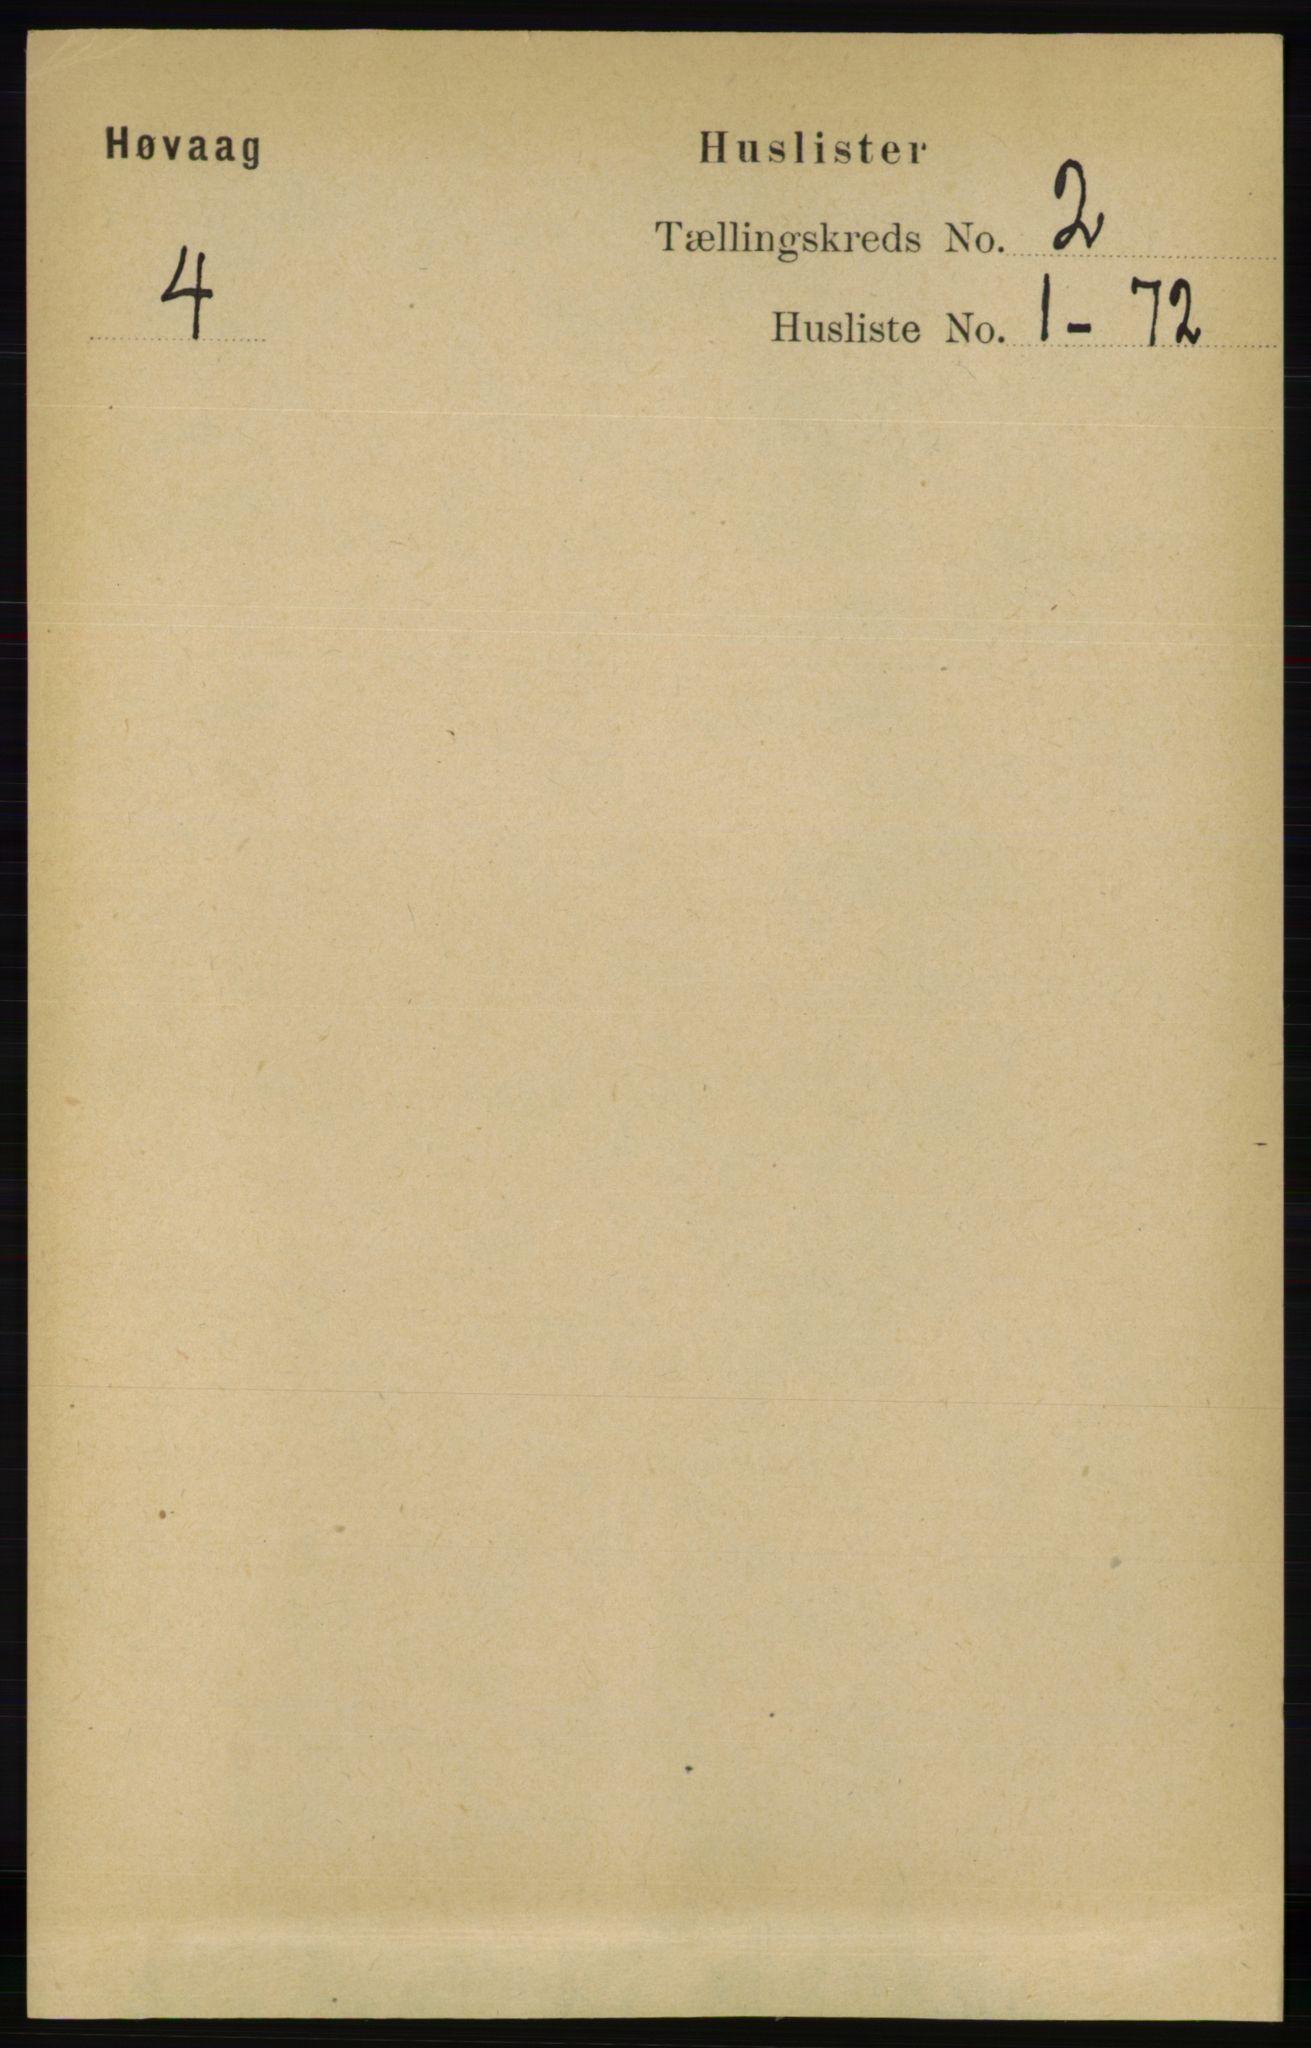 RA, Folketelling 1891 for 0927 Høvåg herred, 1891, s. 464